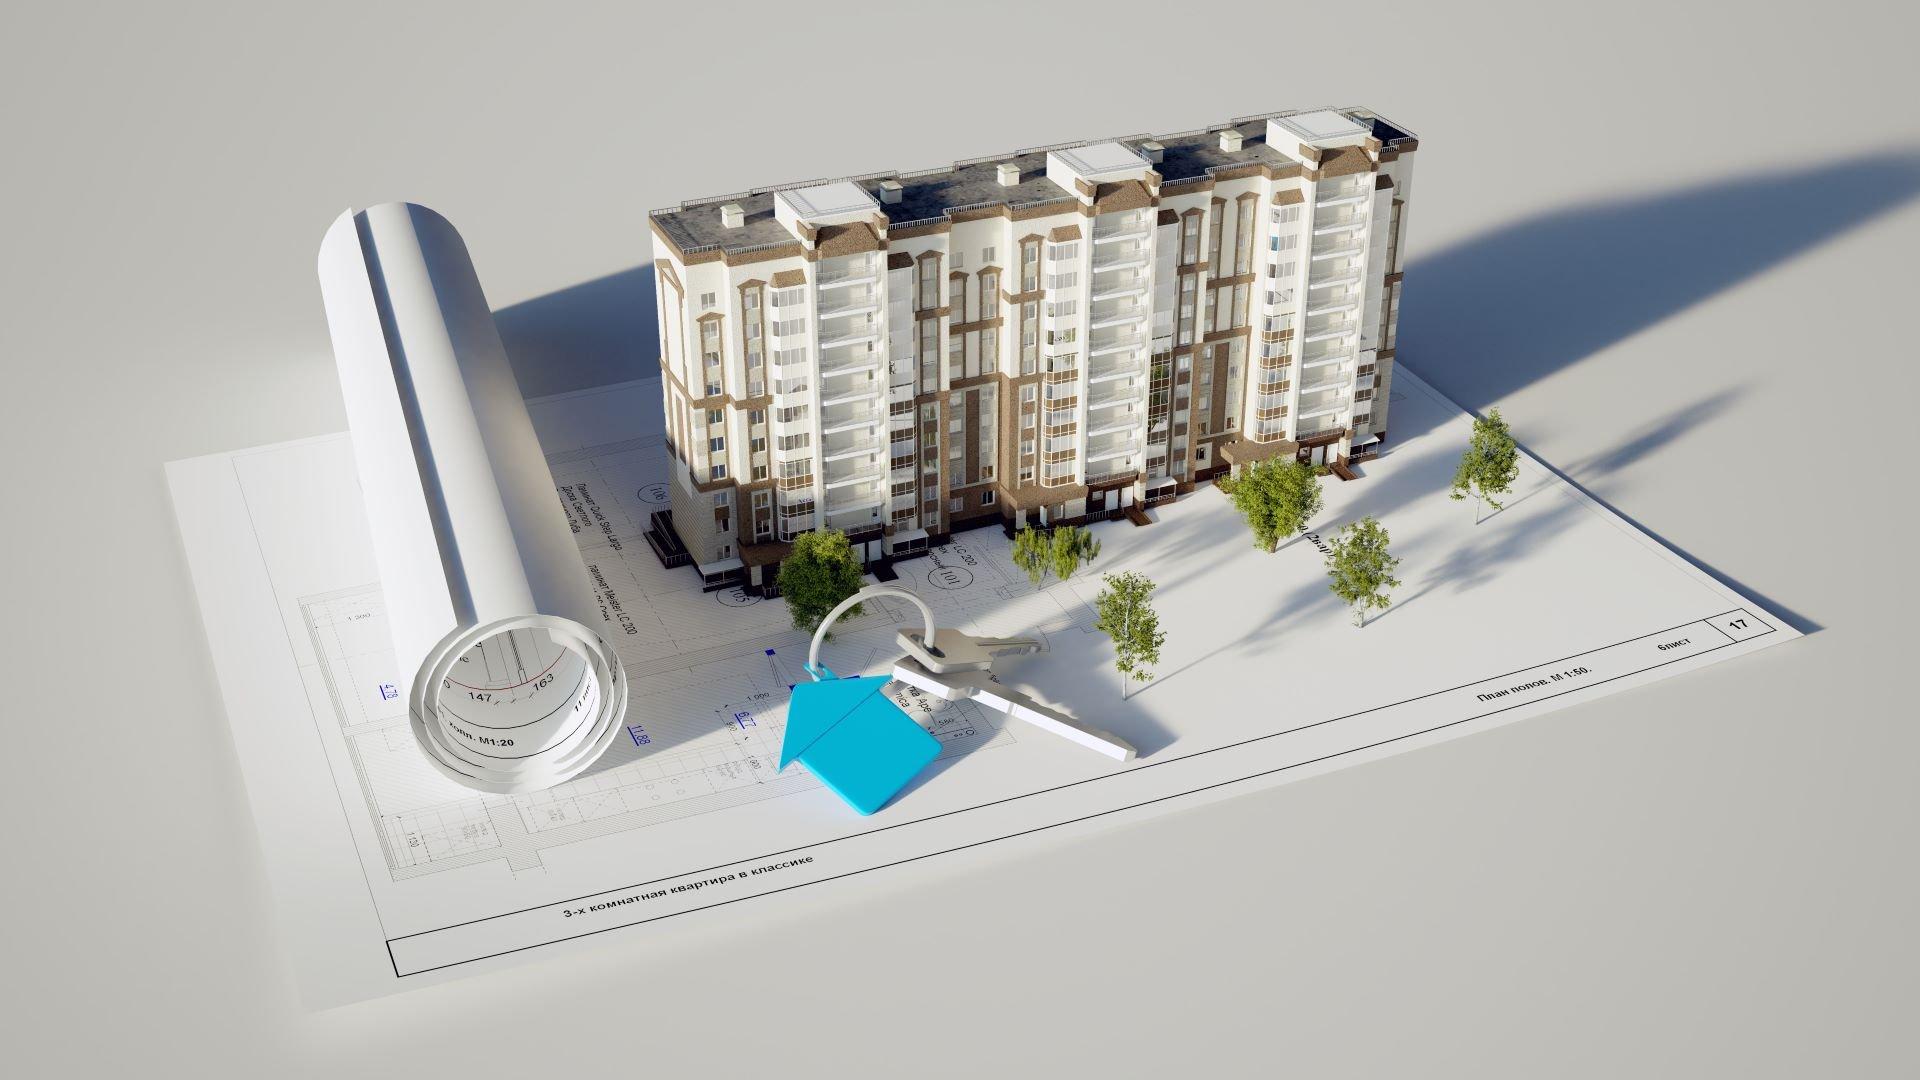 Revit for architects: Landscape development